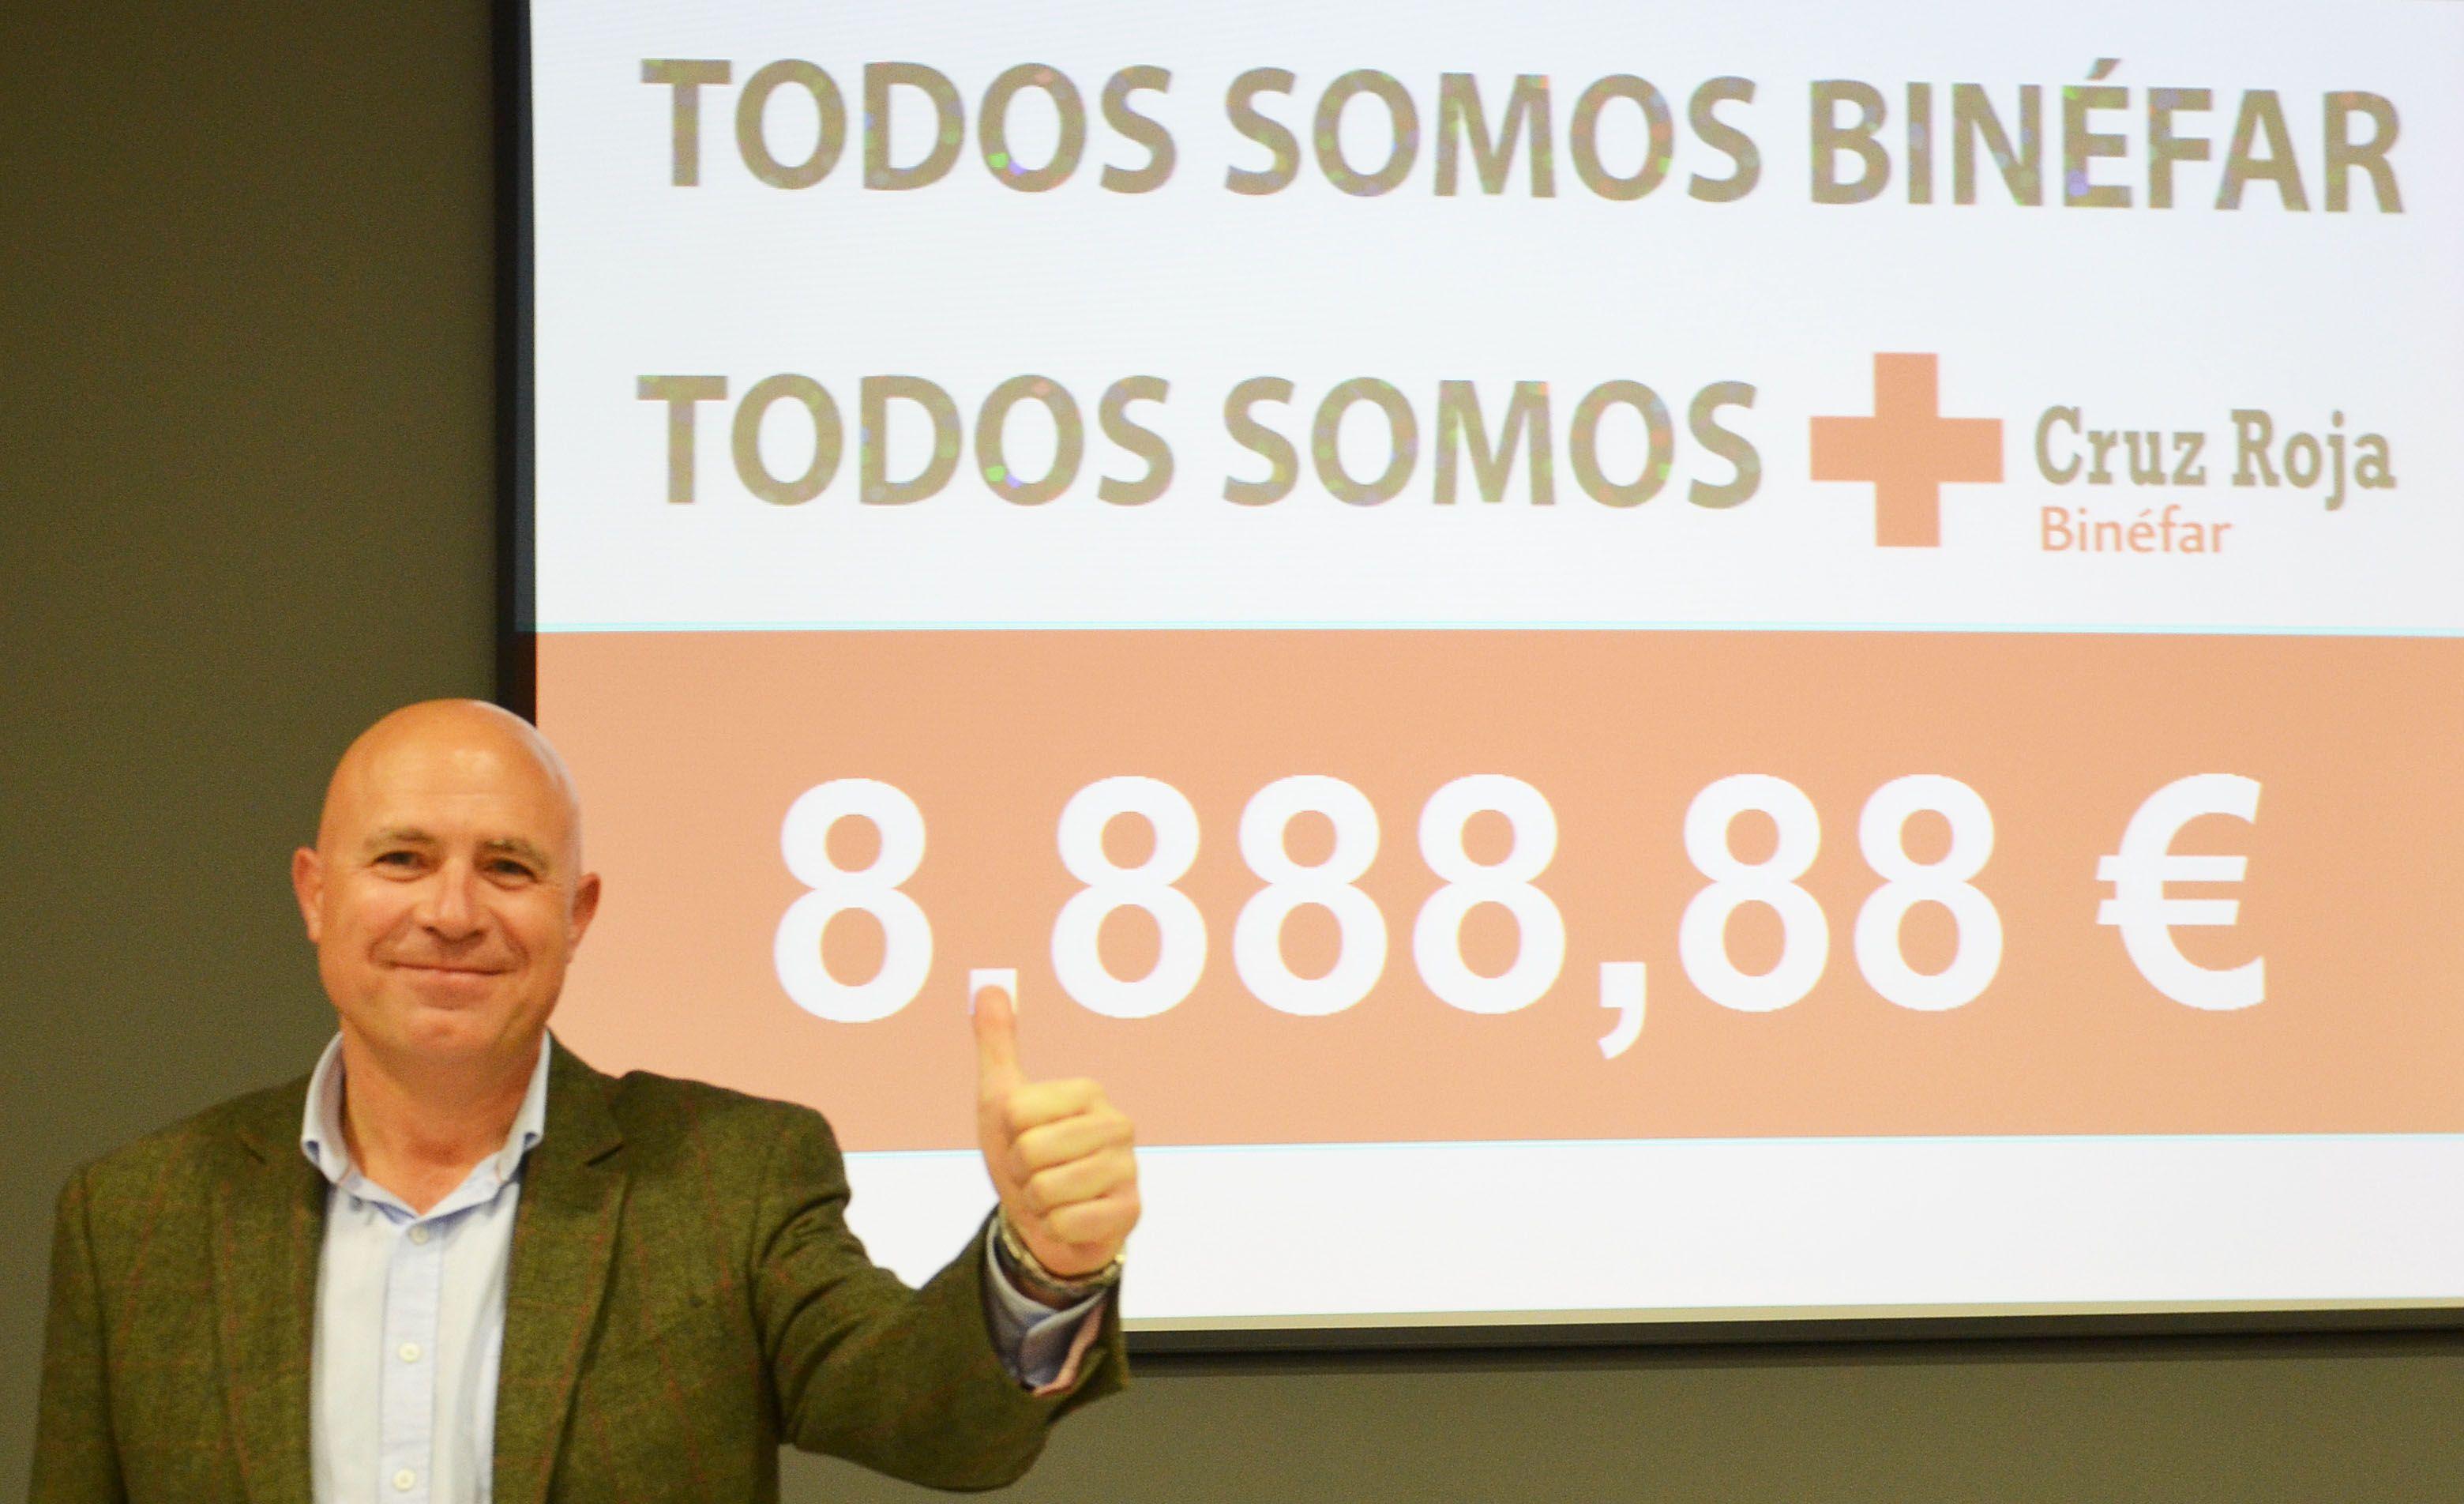 Cincuenta y un mil euros de la Primitiva para un boleto sellado en Binéfar